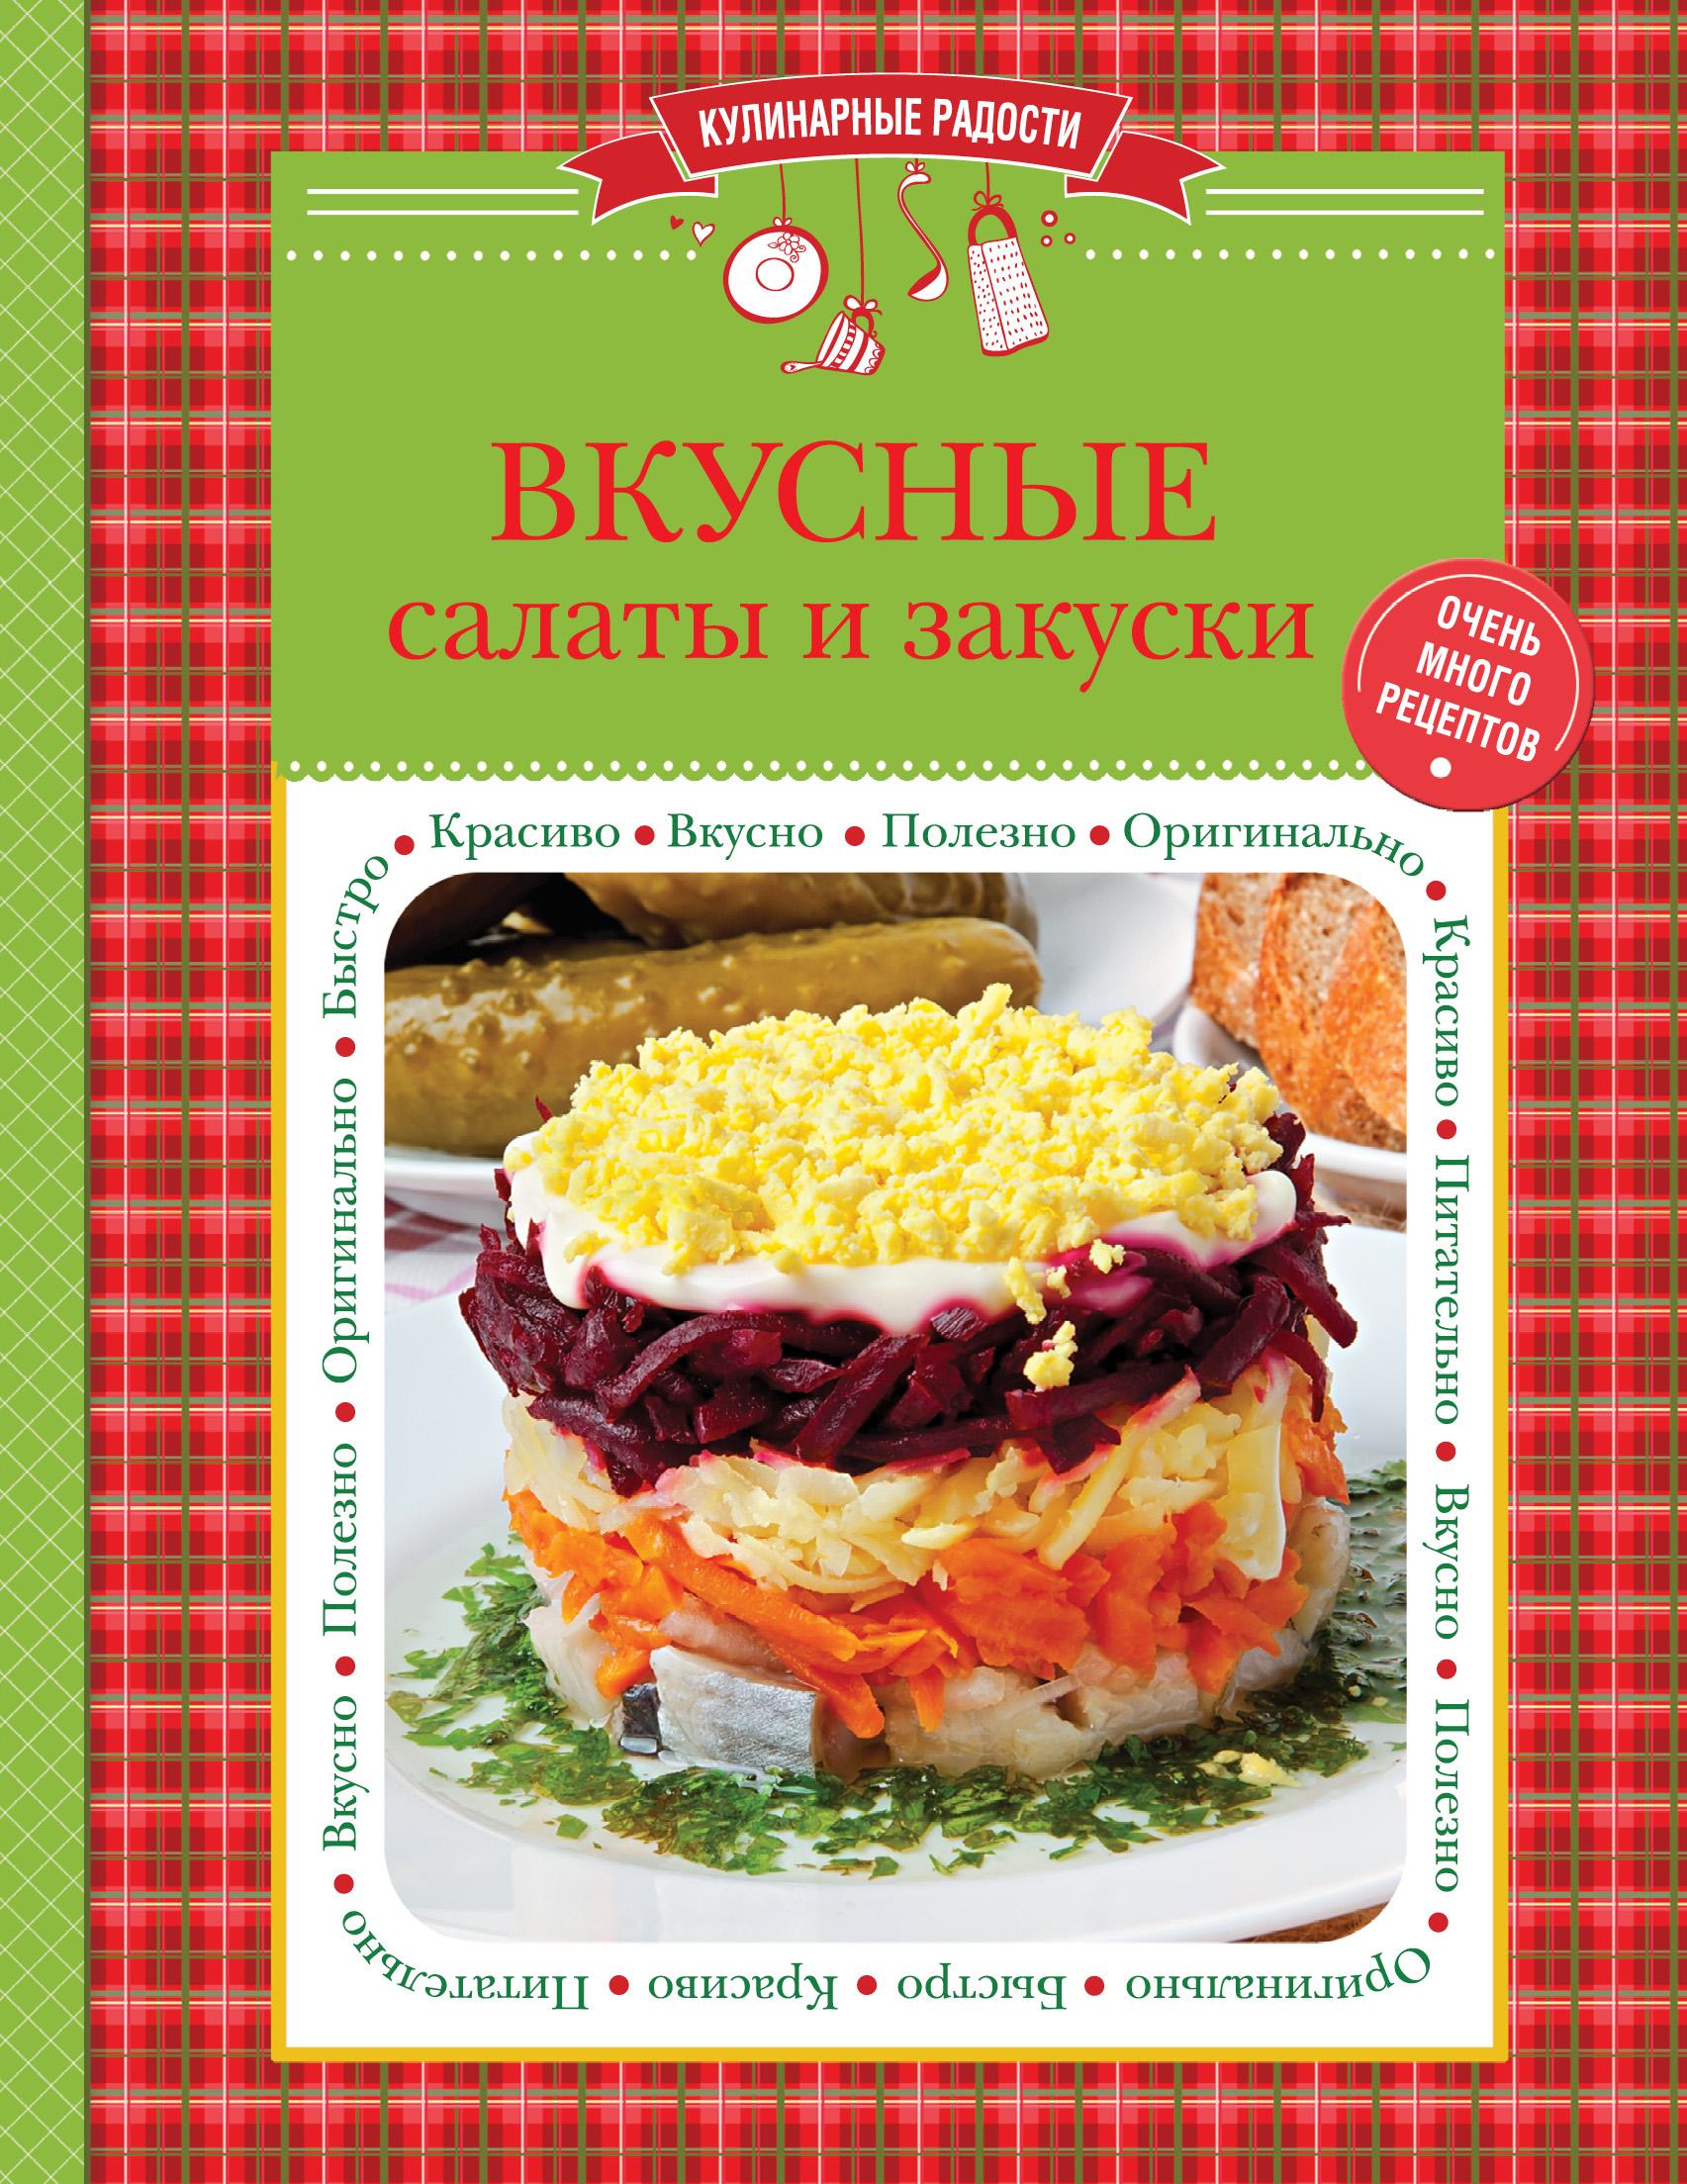 калинина а салаты и закуски на вашем столе Вкусные салаты и закуски